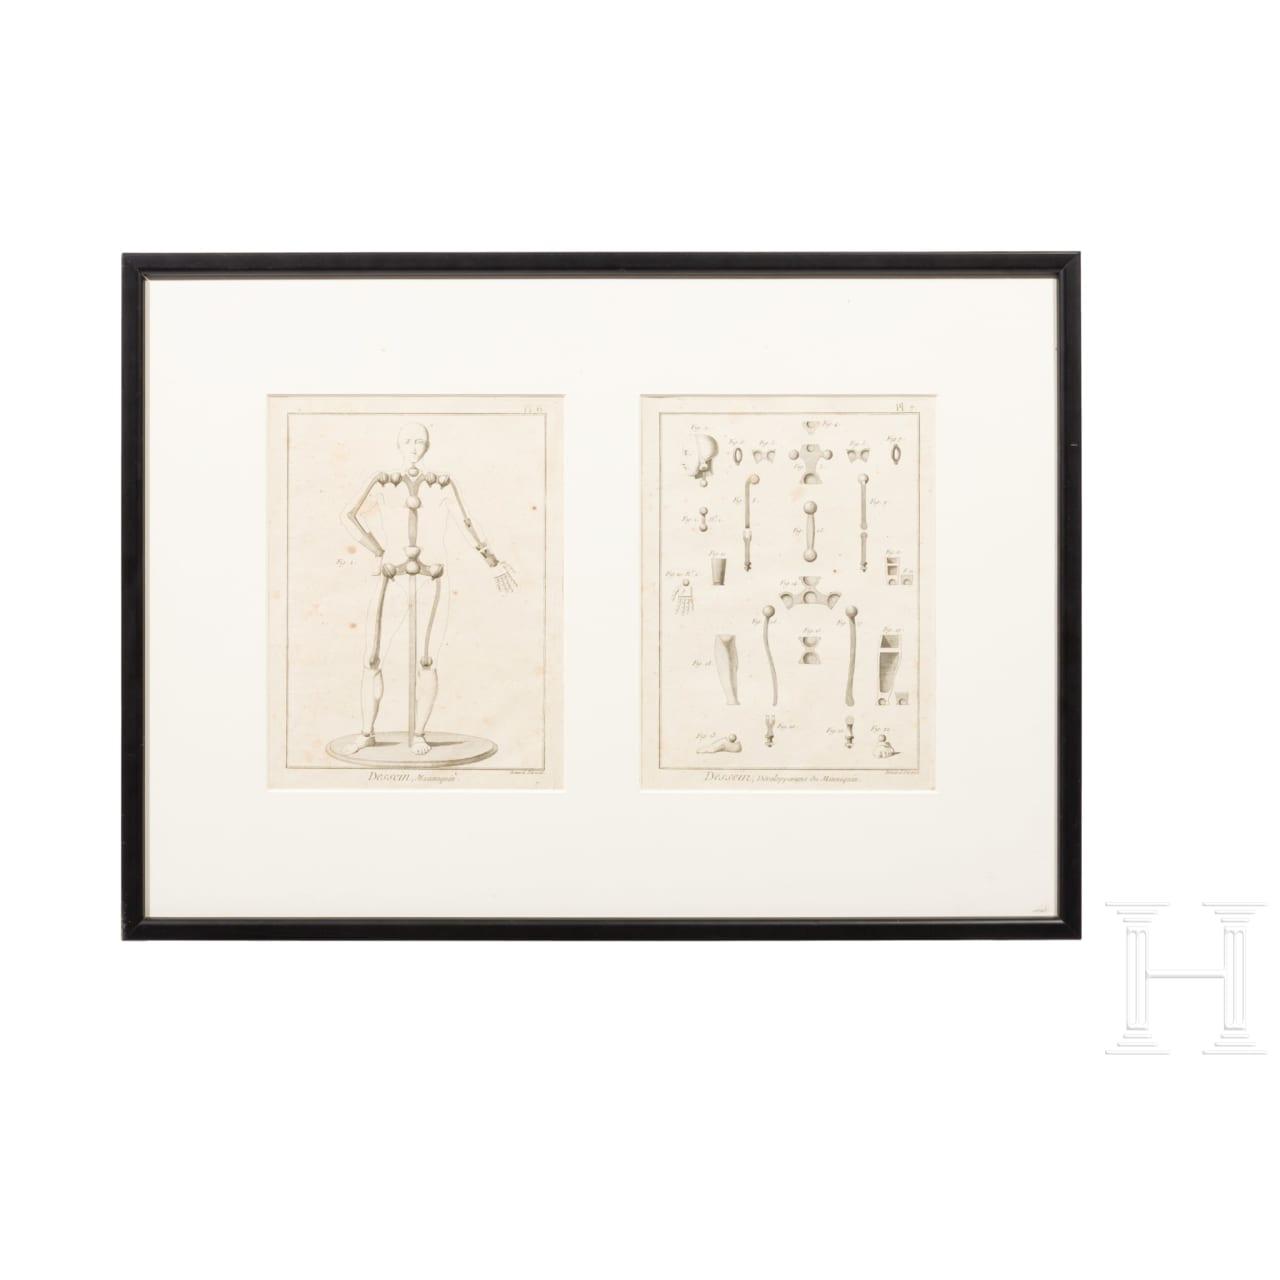 Gerahmte Grafik mit Darstellungen von Mannequins und deren Konstruktion, bezeichnet Bernard Direxit, Frankreich, 19. Jhdt.